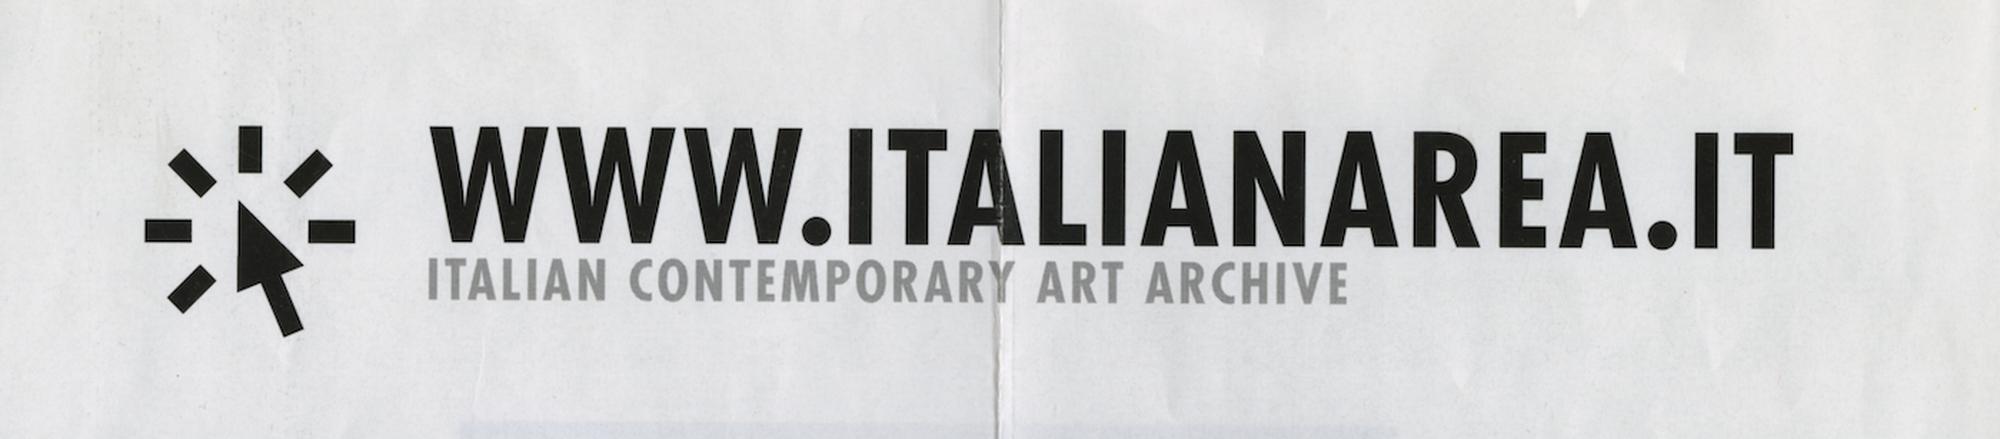 La Storia dell'Archivio - 3 - Italian Area, Il logo Italian Area.